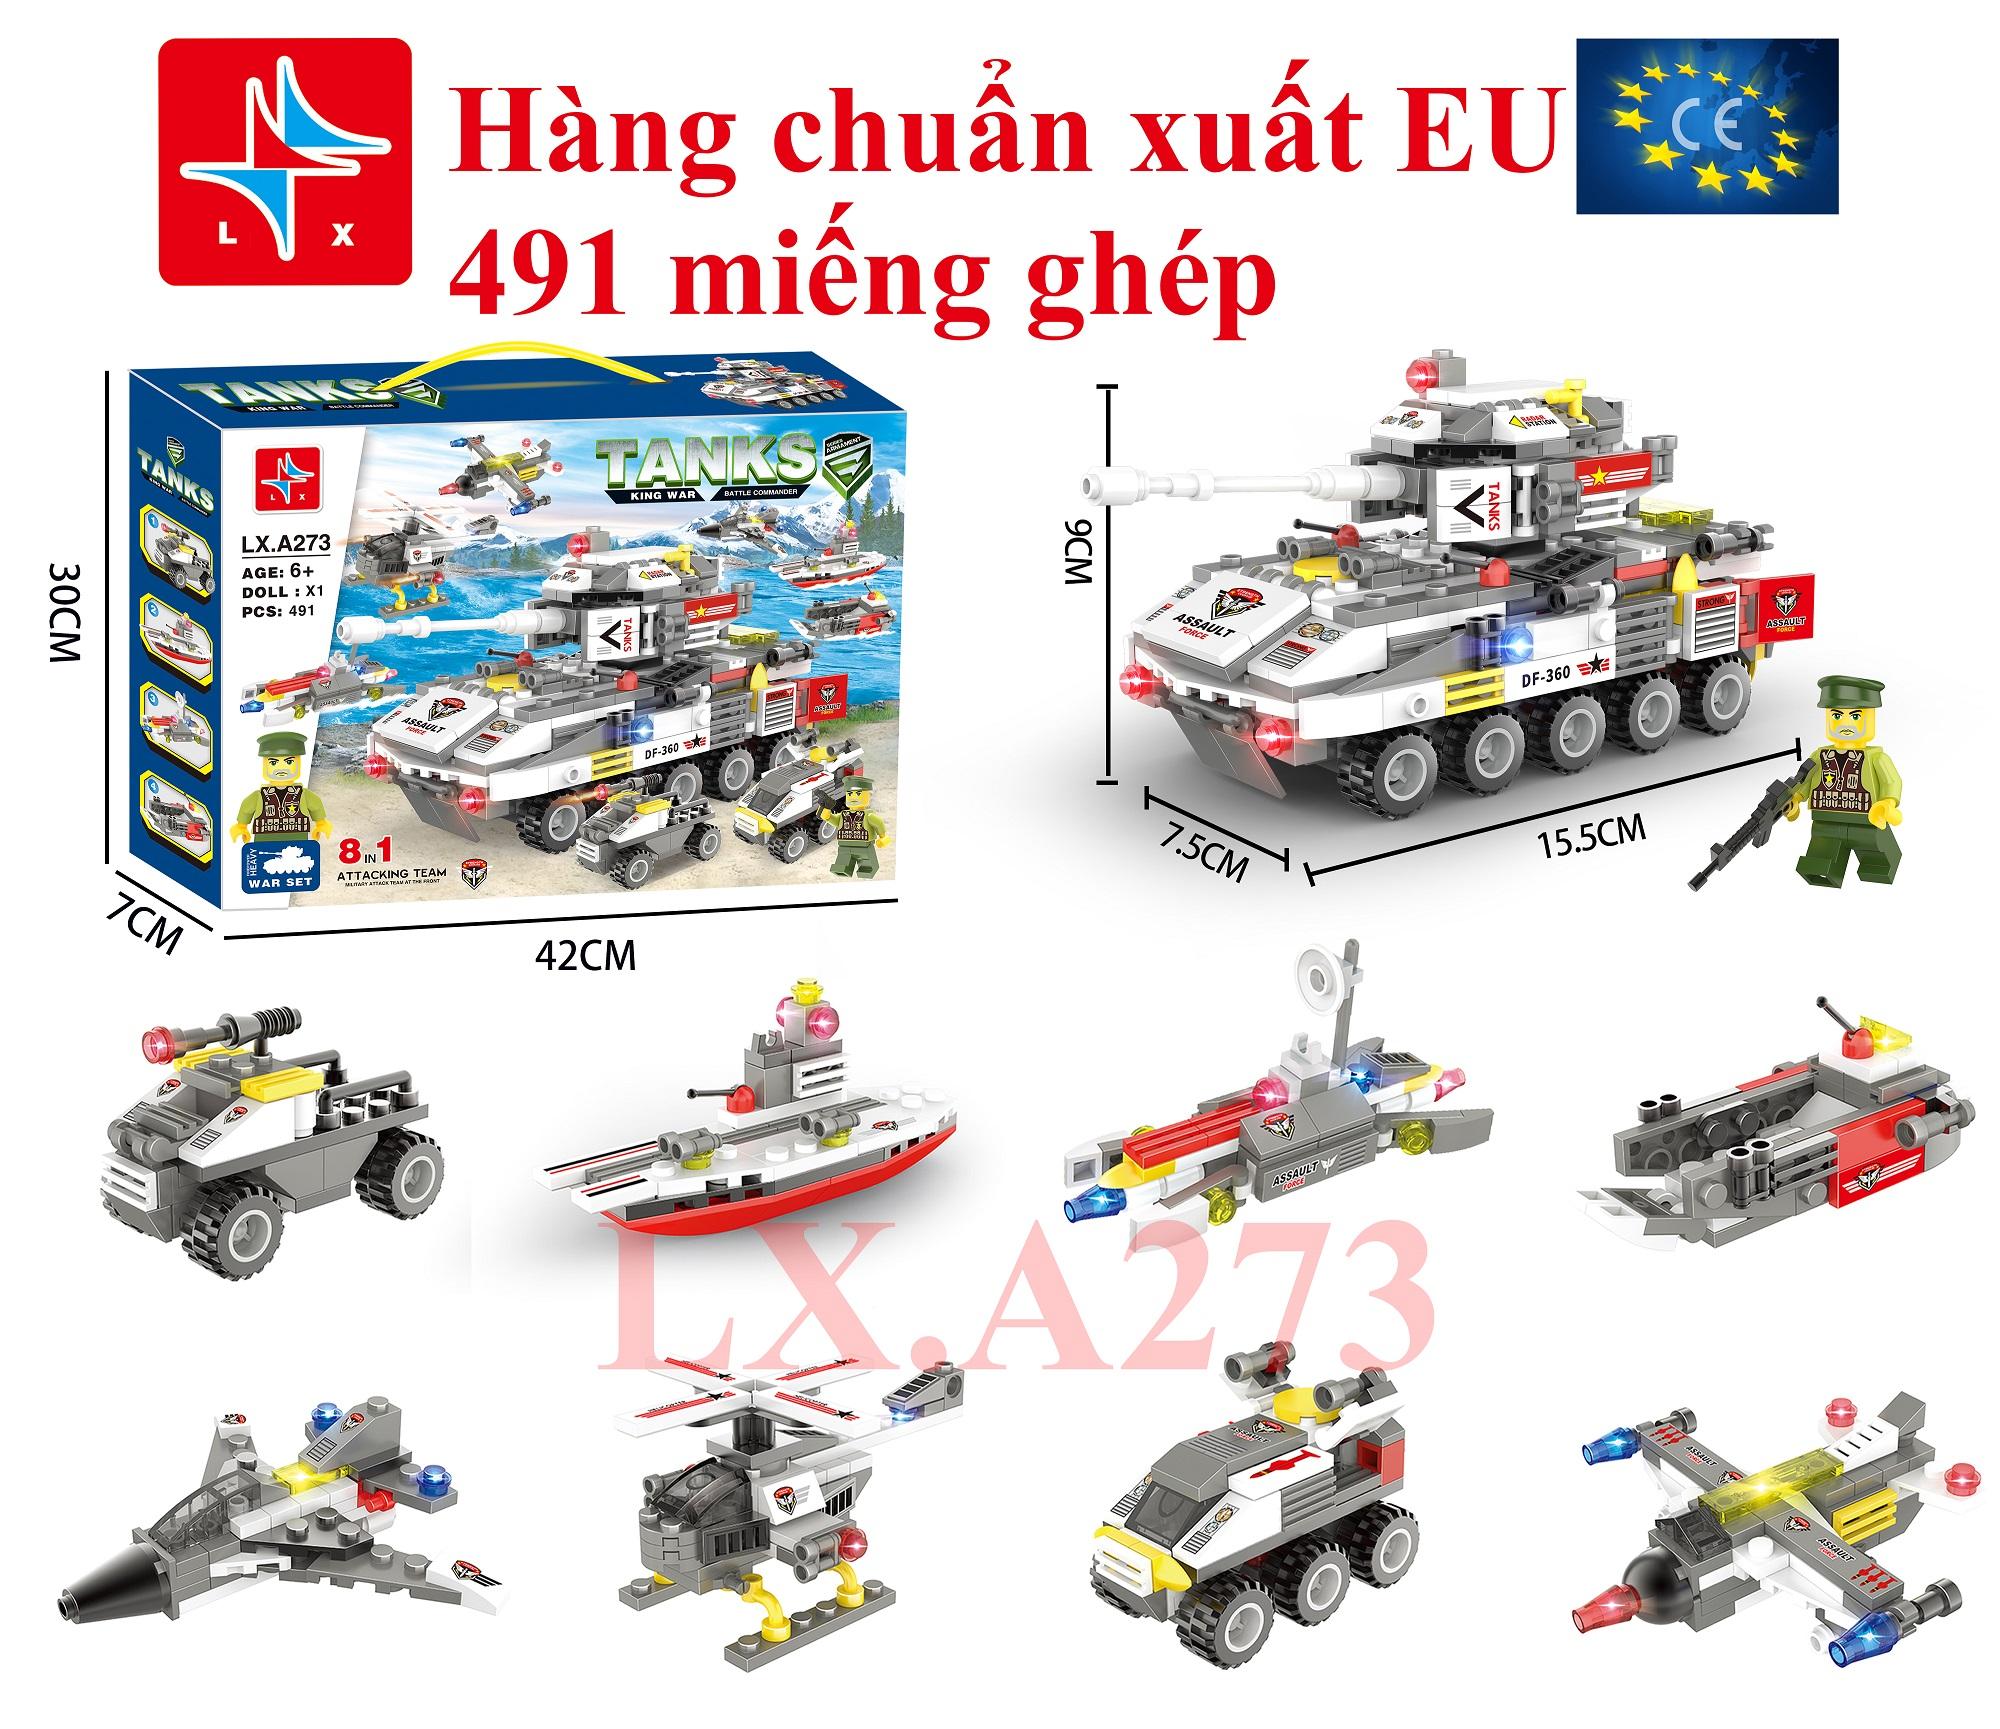 Bộ đồ chơi ghép hình xe tăng LX. A273